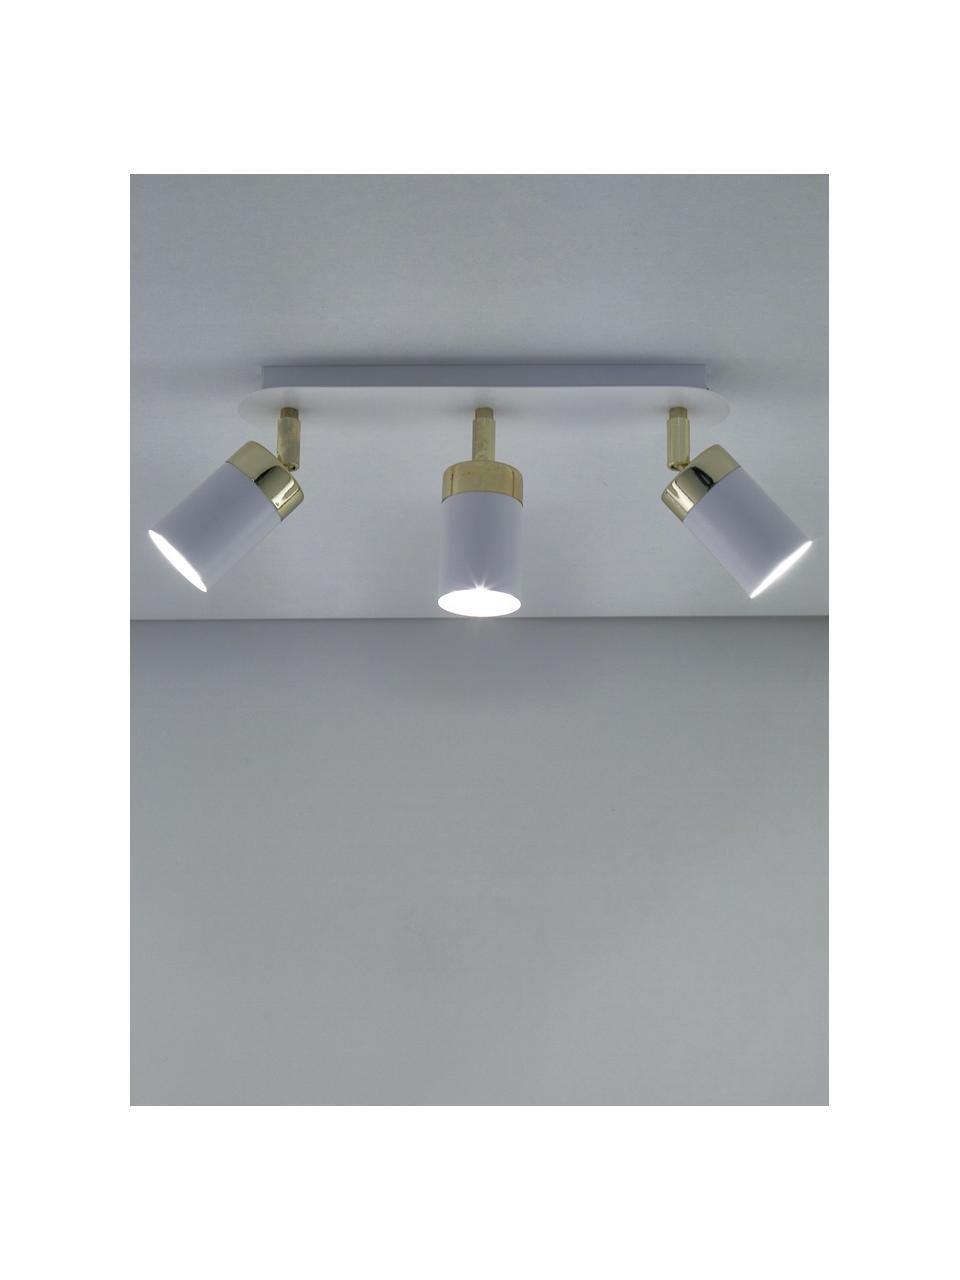 Deckenstrahler Joker, Baldachin: Metall, lackiert, Weiß, Messingfarben, 45 x 13 cm